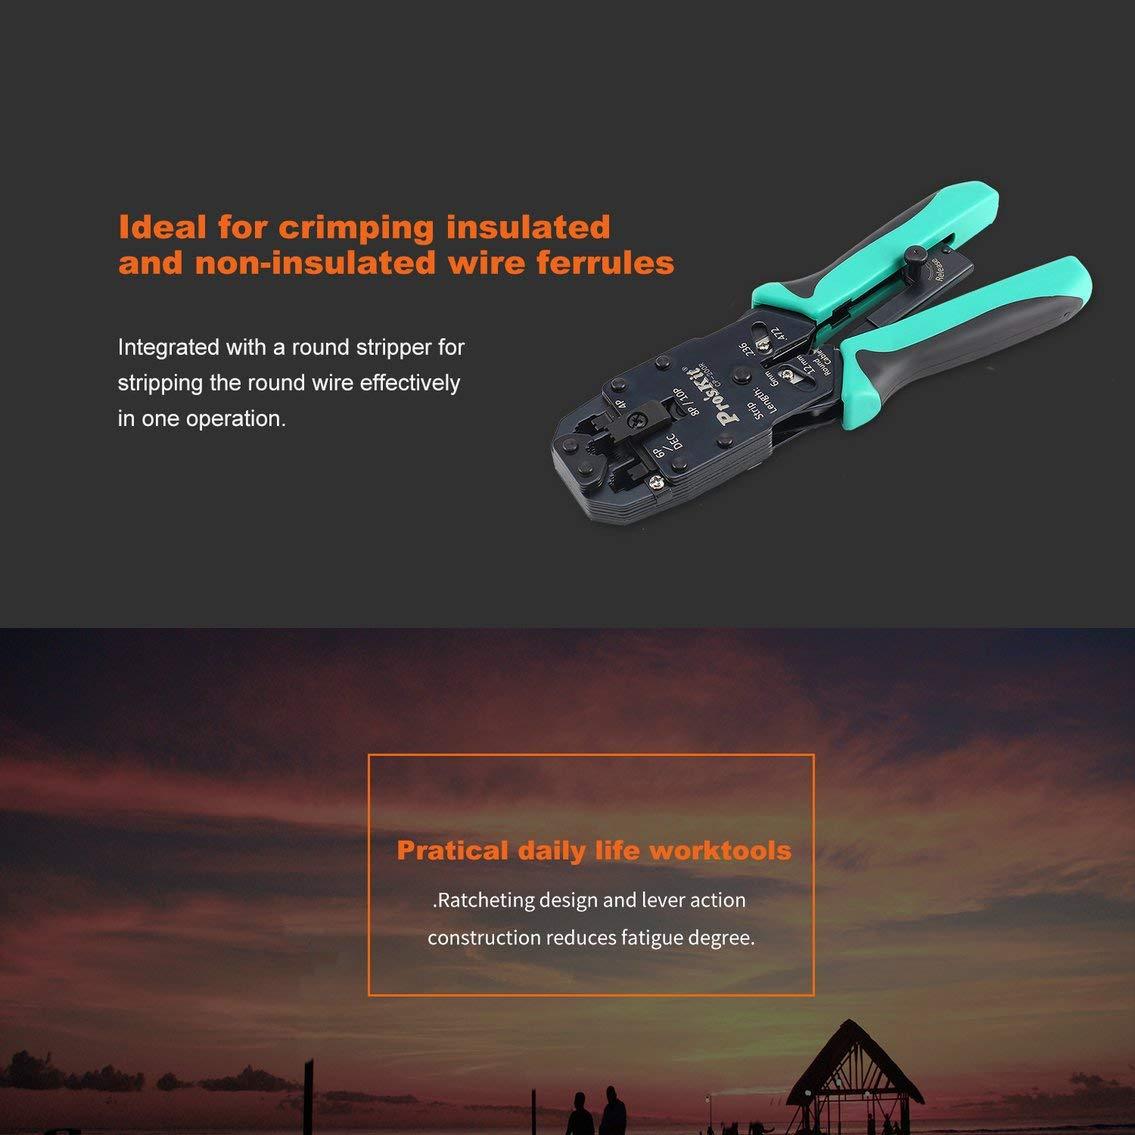 Proskit CP-200R 4 en 1 Herramienta profesional de corte de engarzado Cortadores de red AMP (Color: Negro y Verde): Amazon.es: Bricolaje y herramientas